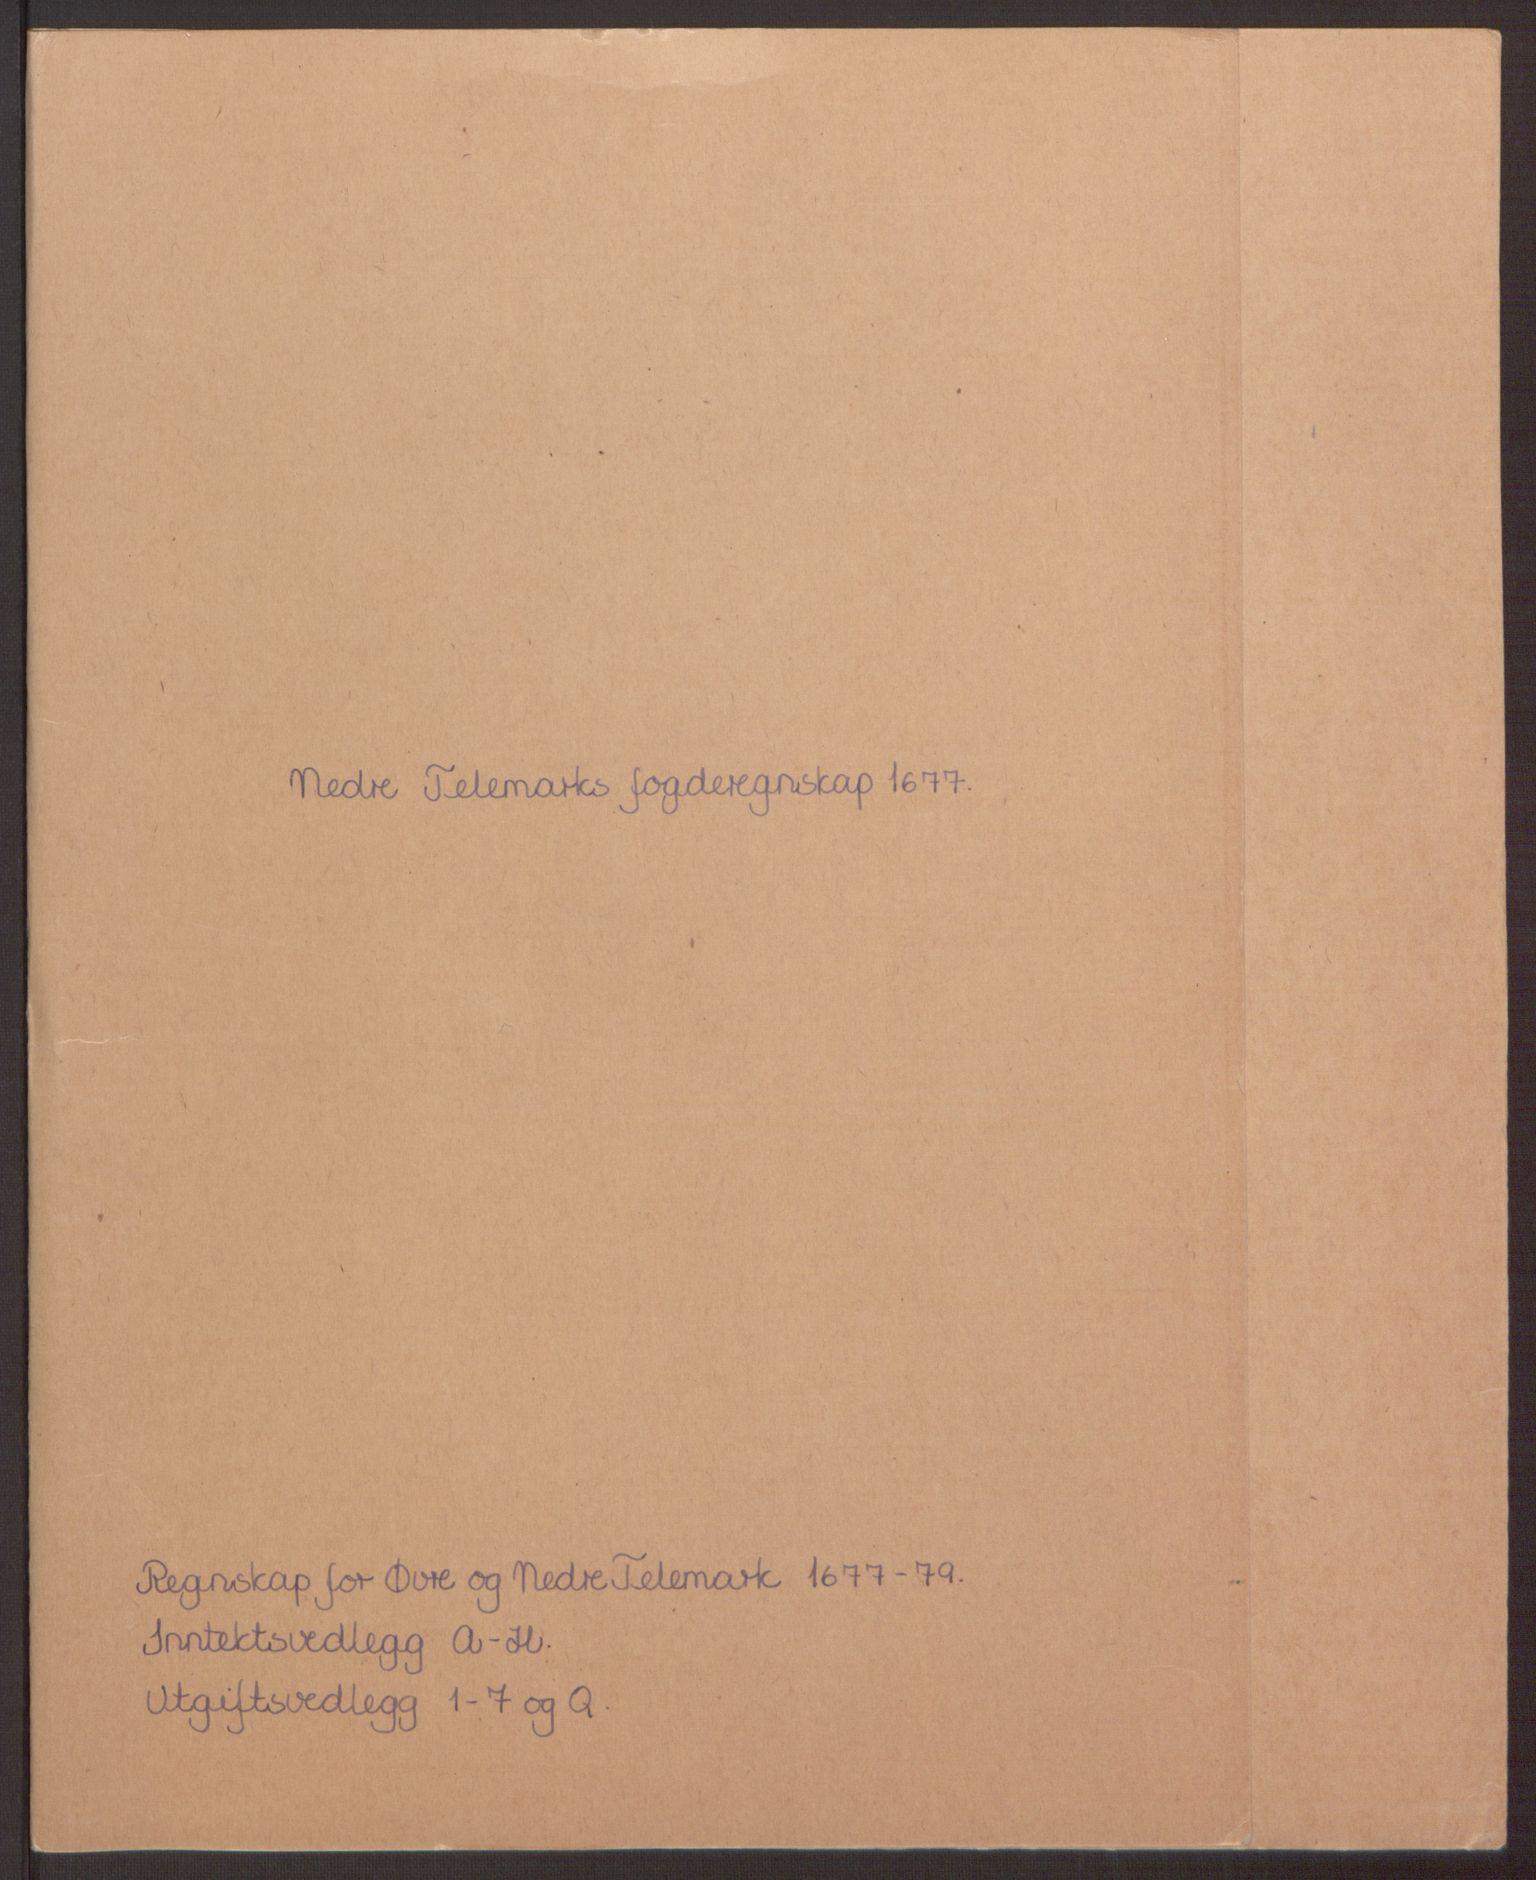 RA, Rentekammeret inntil 1814, Reviderte regnskaper, Fogderegnskap, R35/L2068: Fogderegnskap Øvre og Nedre Telemark, 1677, s. 2